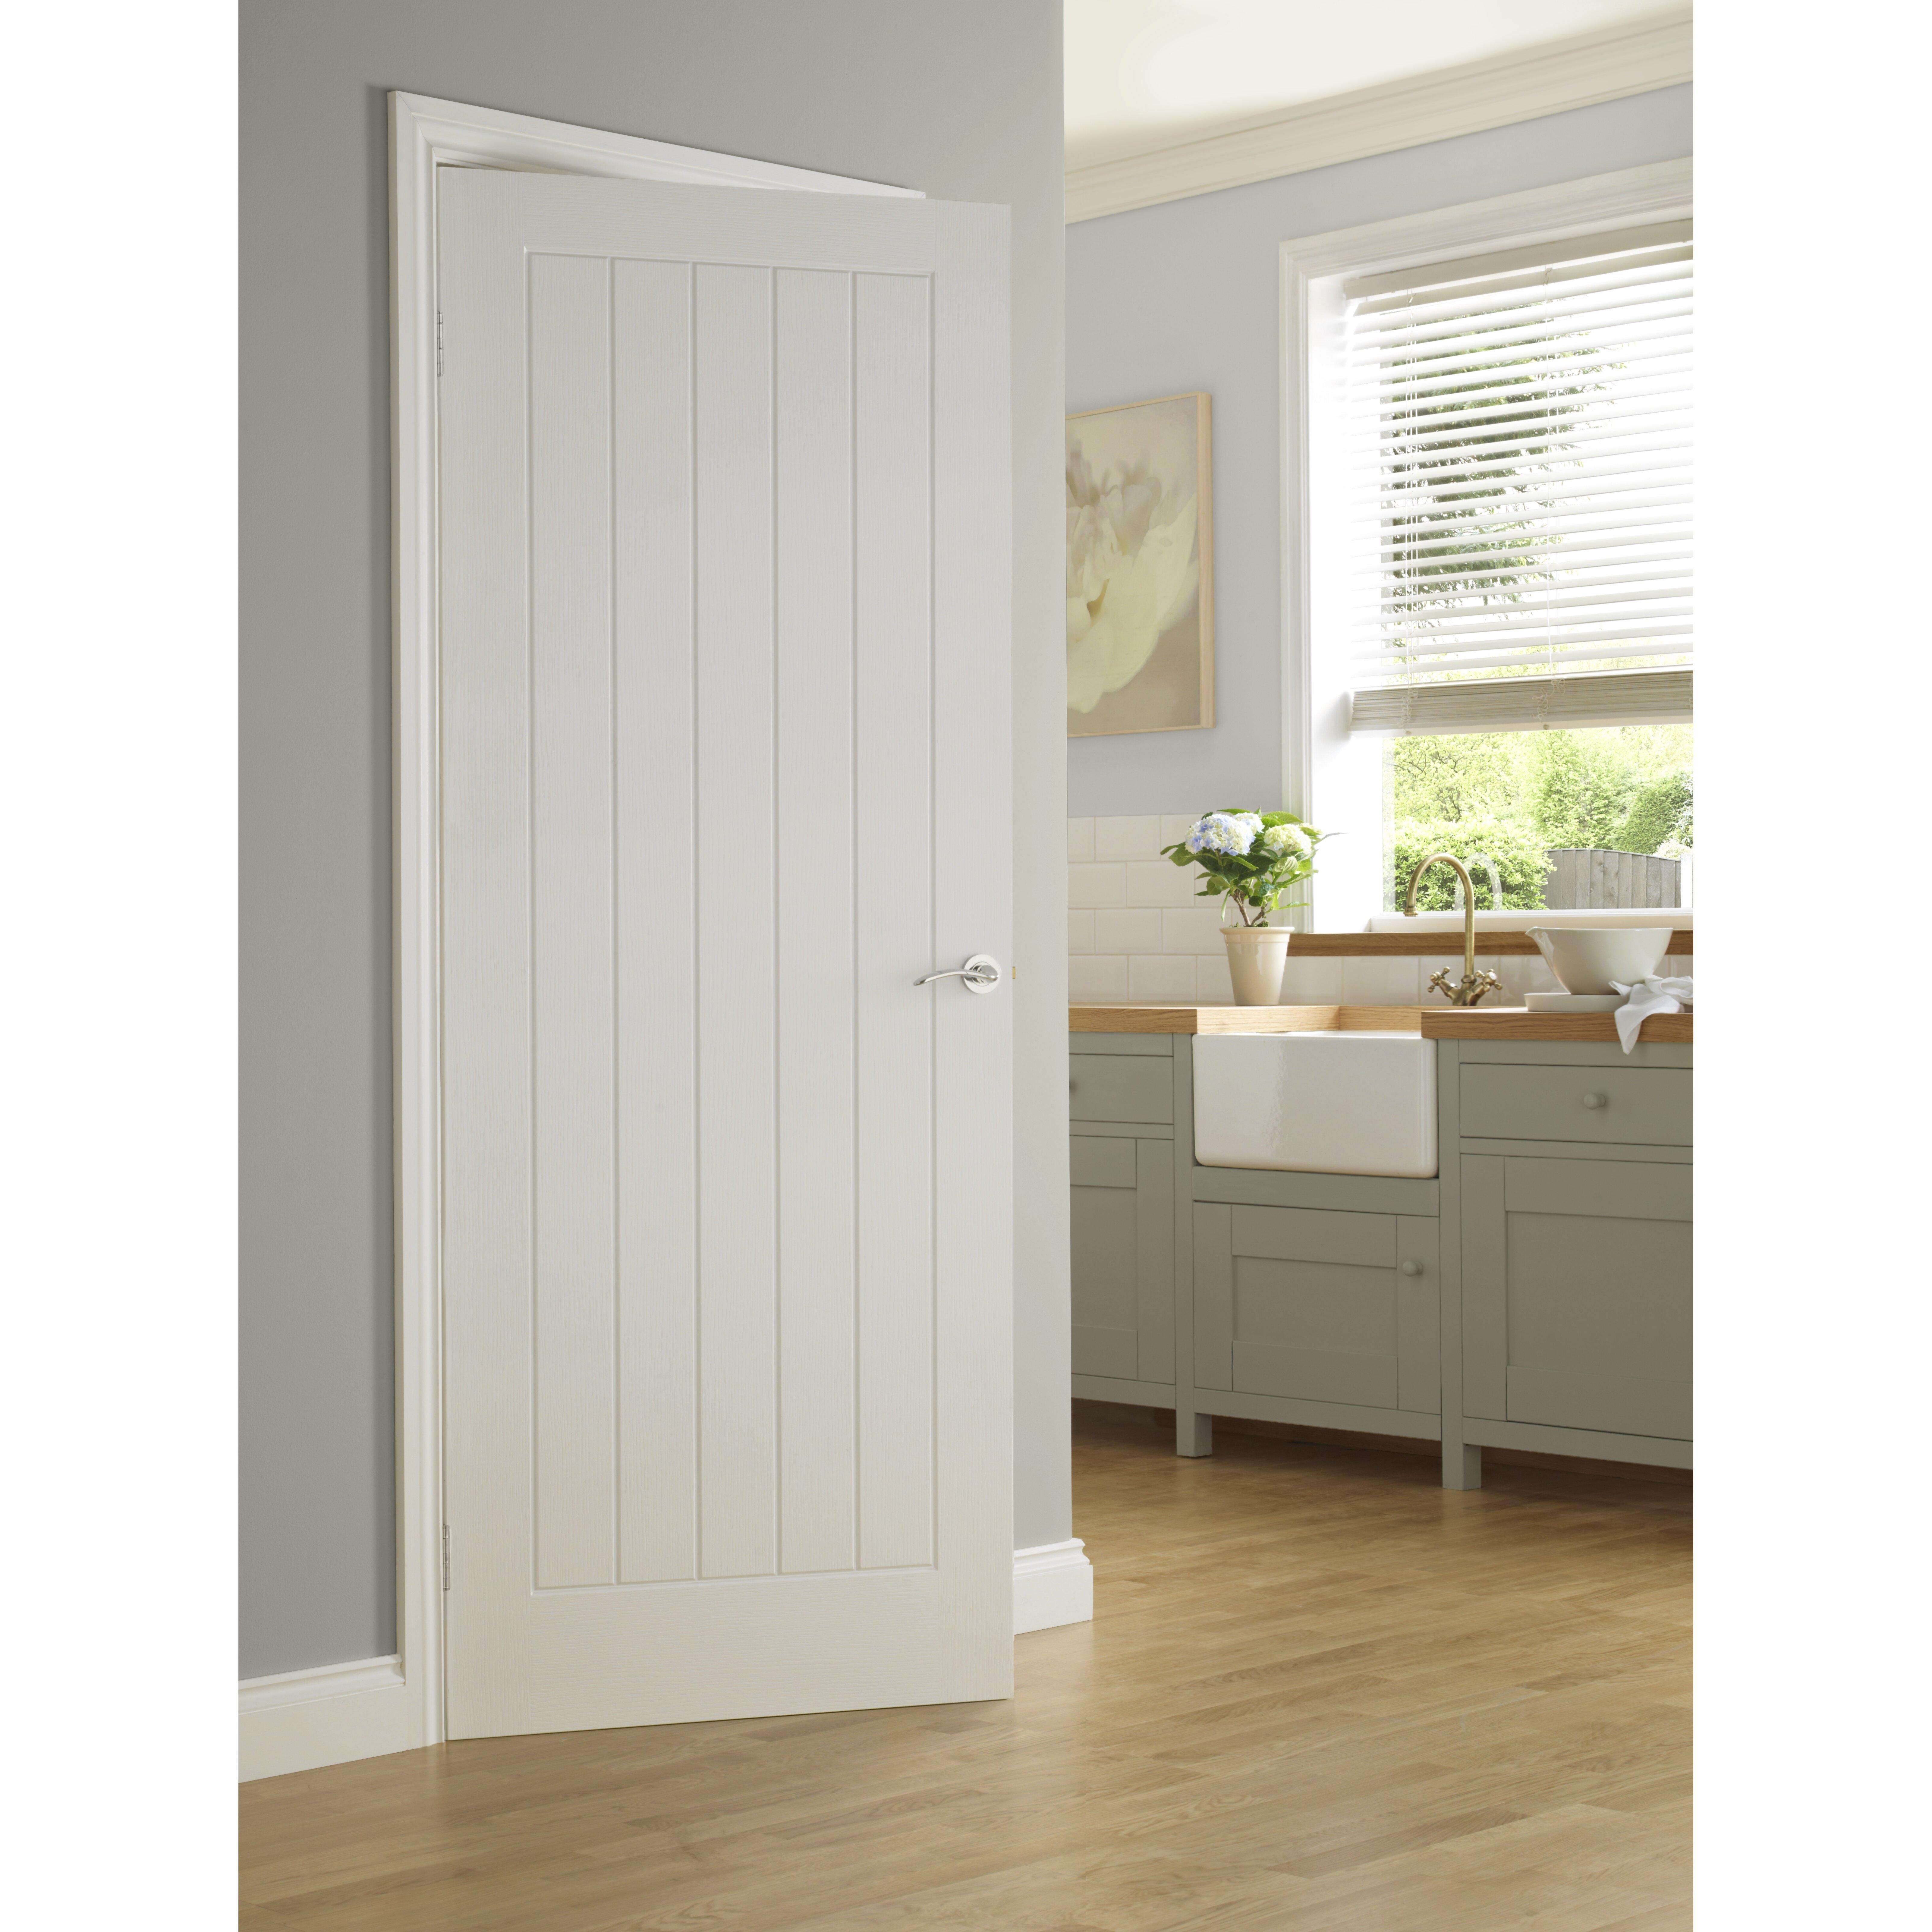 Premdor 5 panel white internal door reviews wayfair uk for Internal door ideas uk